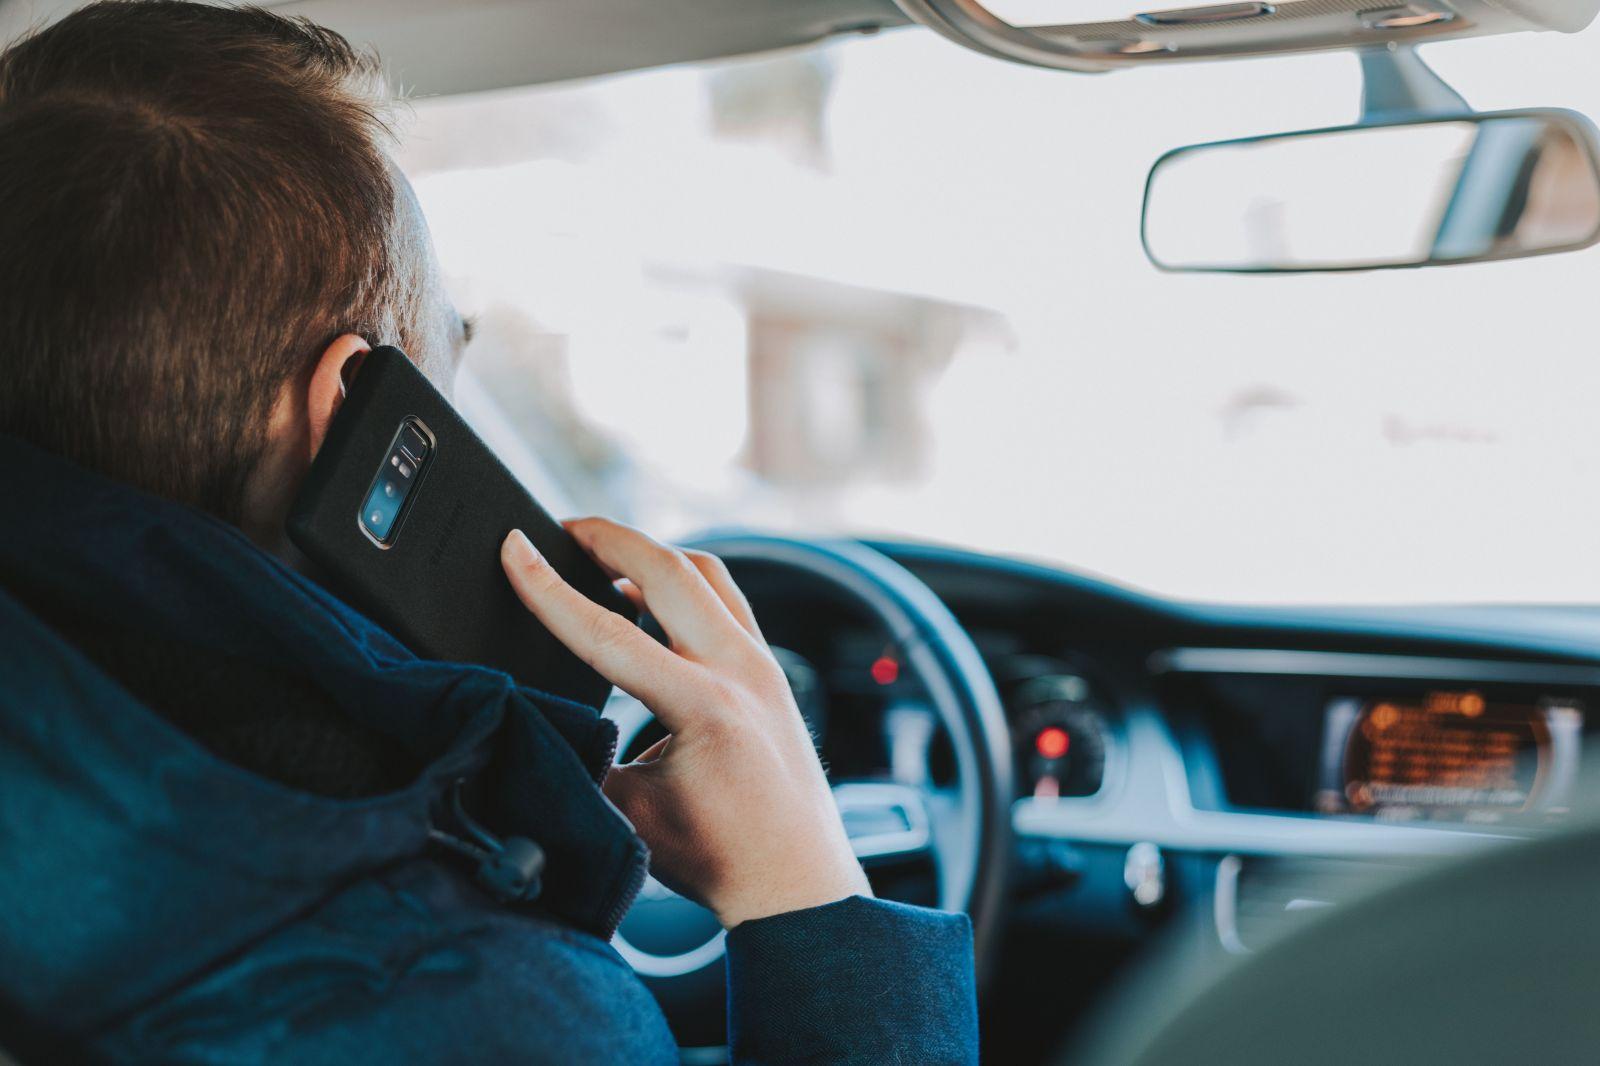 Hrávaš sa za volantom s mobilom? Oddnes sa pokuty za používanie mobilov zdvojnásobili